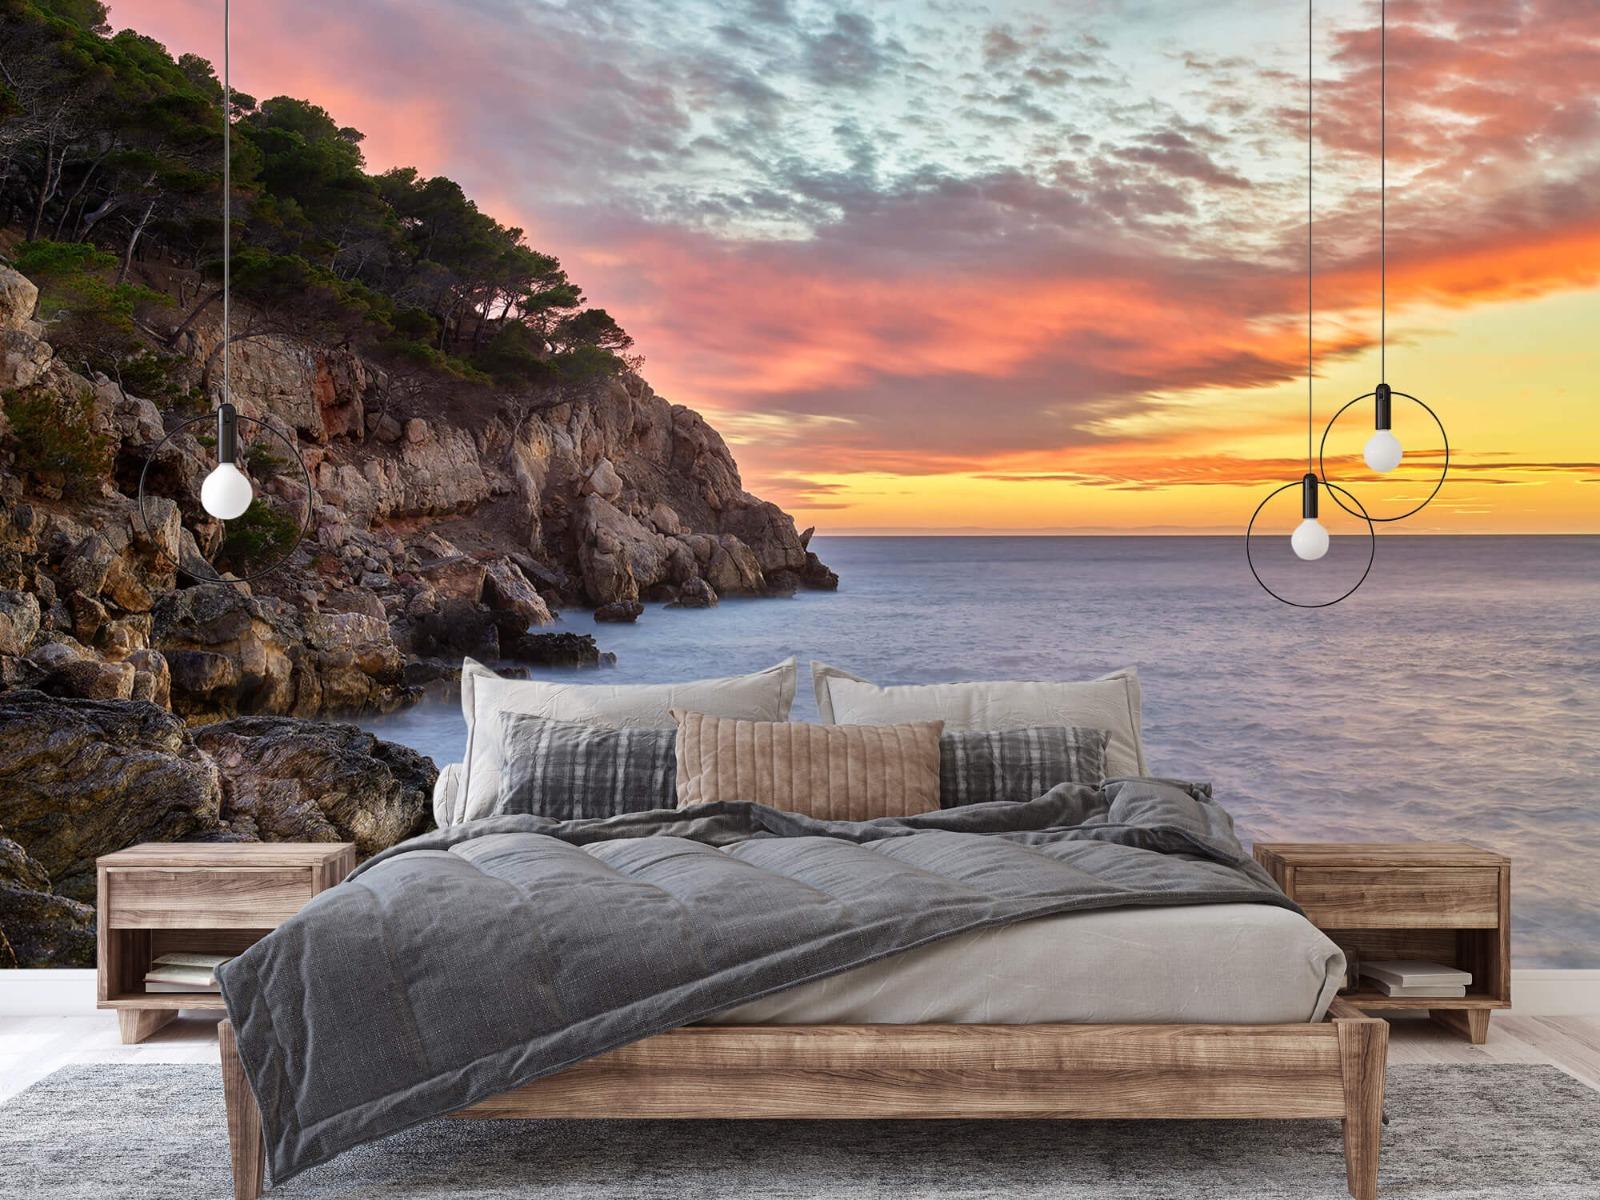 Zeeën en Oceanen - Kleurrijke zonsondergang - Slaapkamer 2